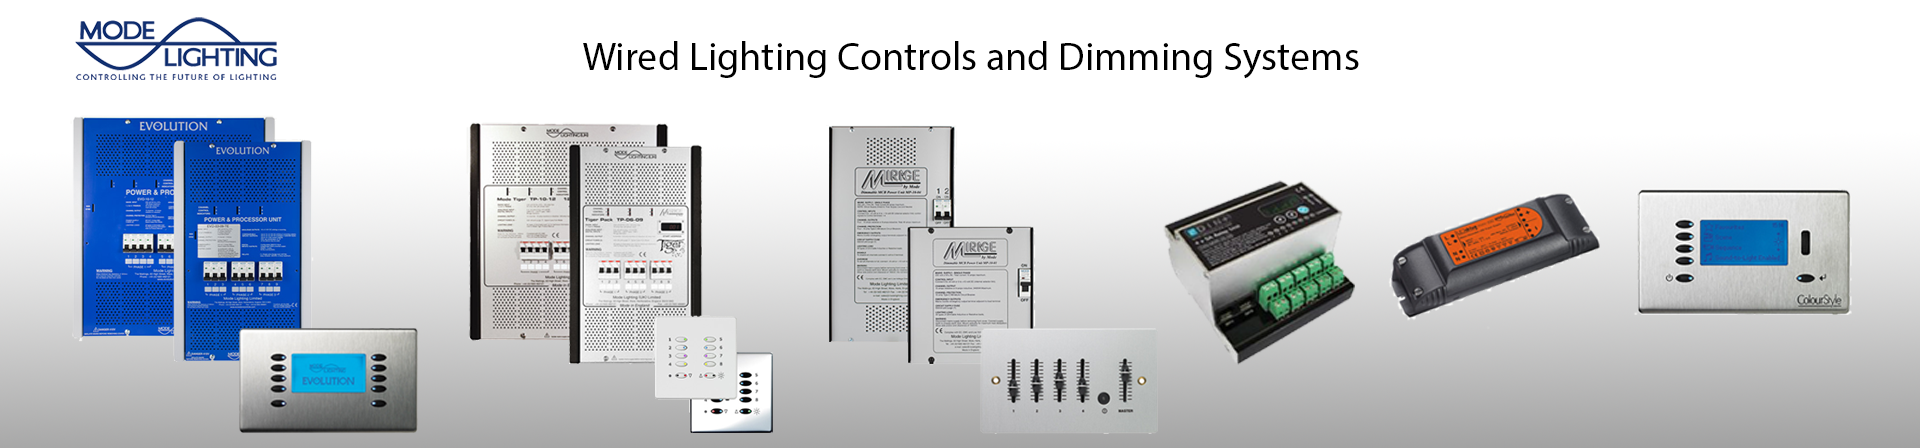 Mode Lighting Dimmer Pack Solutions